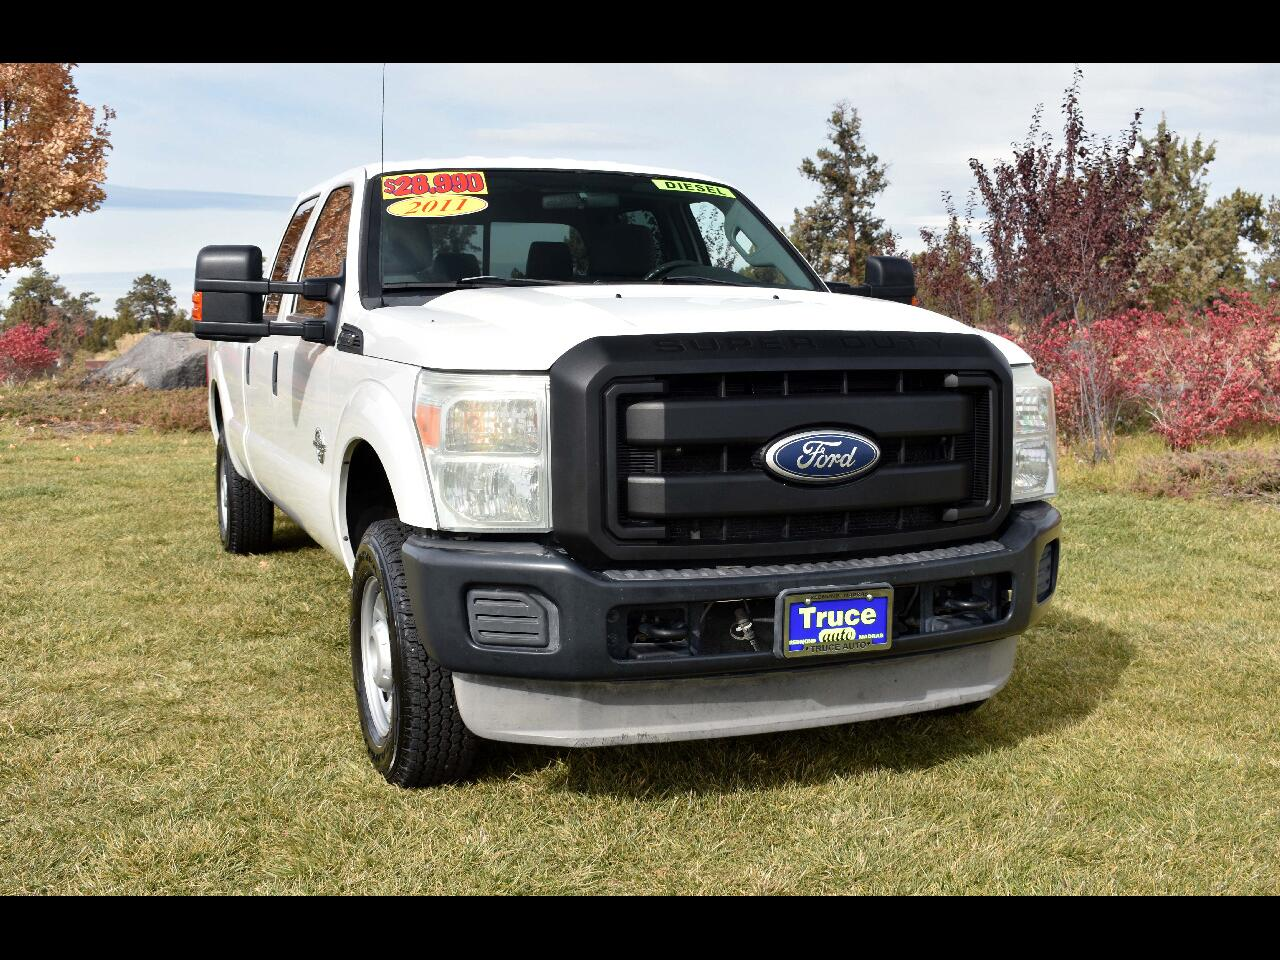 2011 Ford Super Duty F-250 4WD Crew Cab XL**LOW MILES* DIESEL**